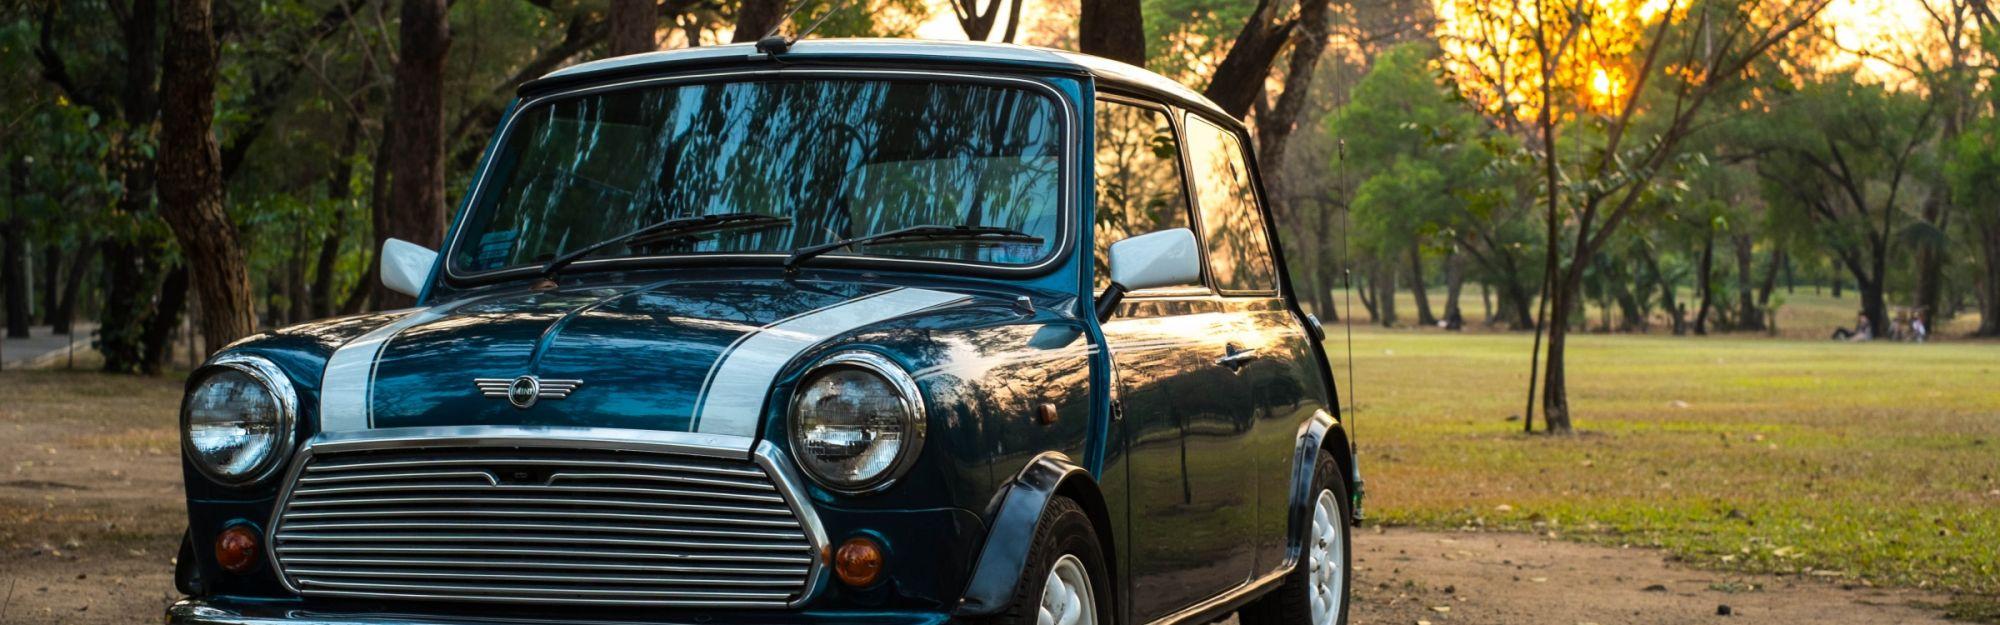 Wie die Umwelt schonen, wenn man auf das Auto angewiesen ist?